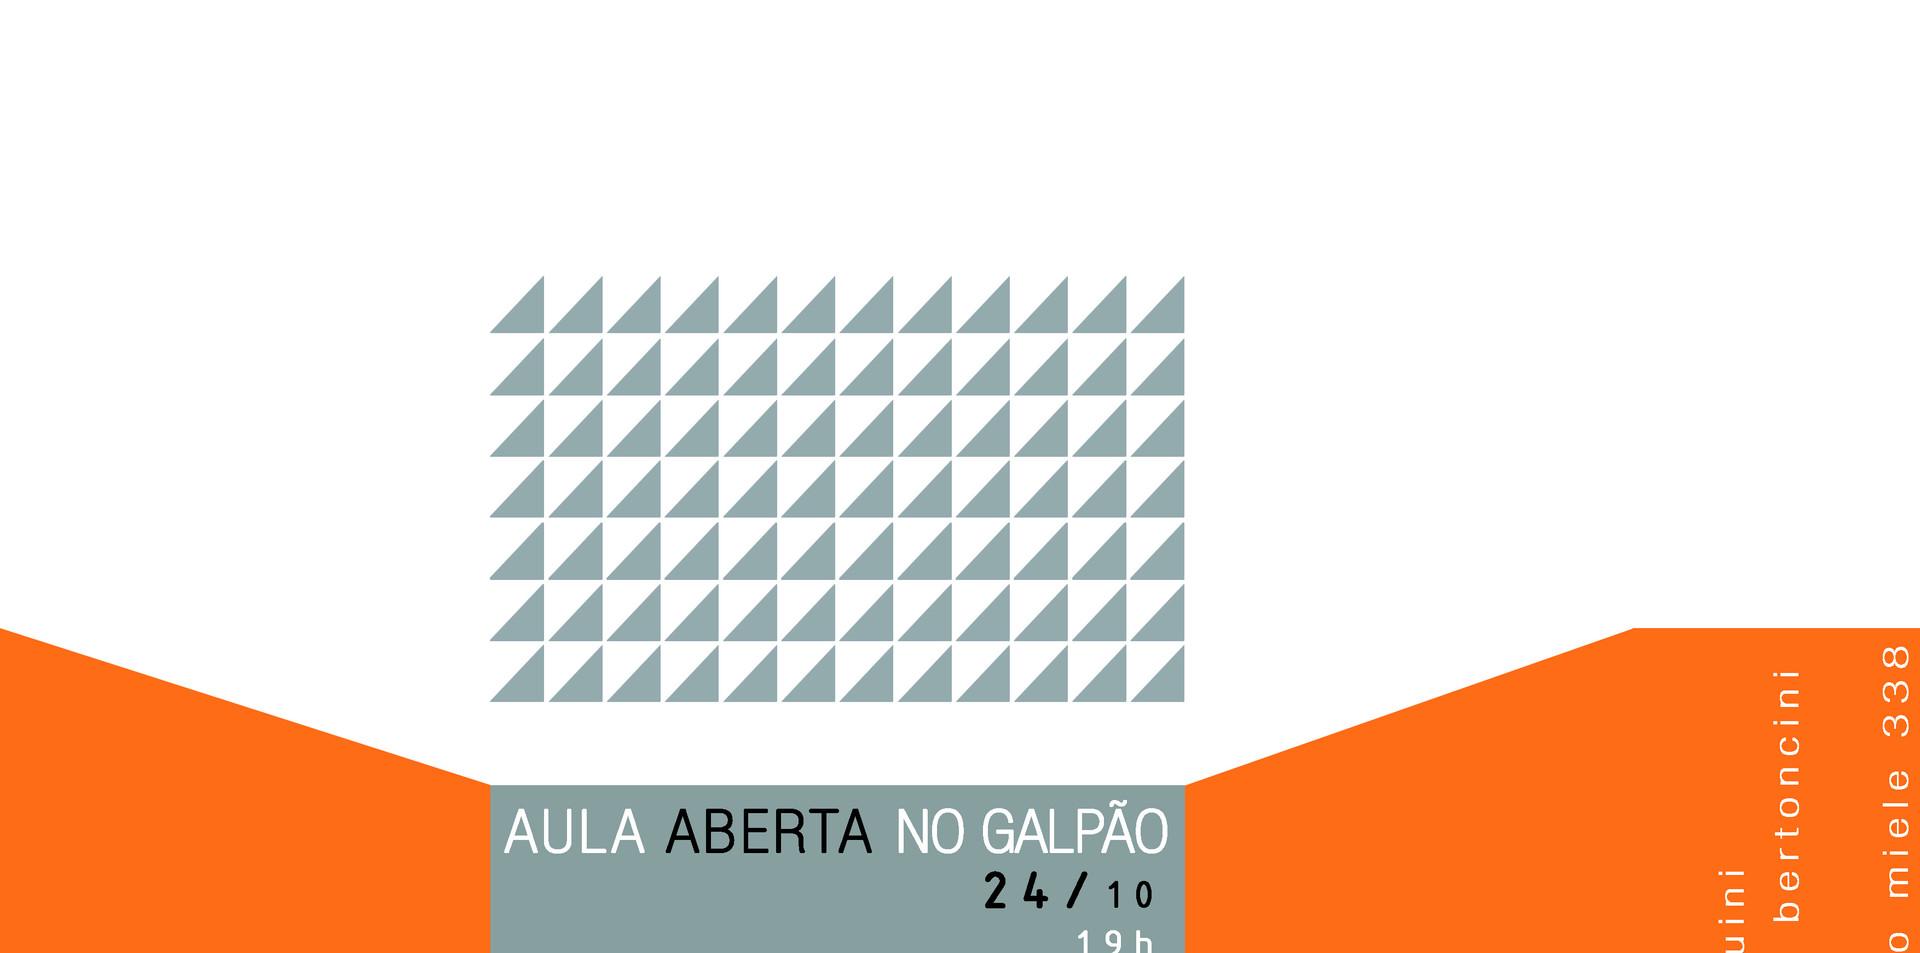 Aula_Aberta_do_Galpão_v008.jpg